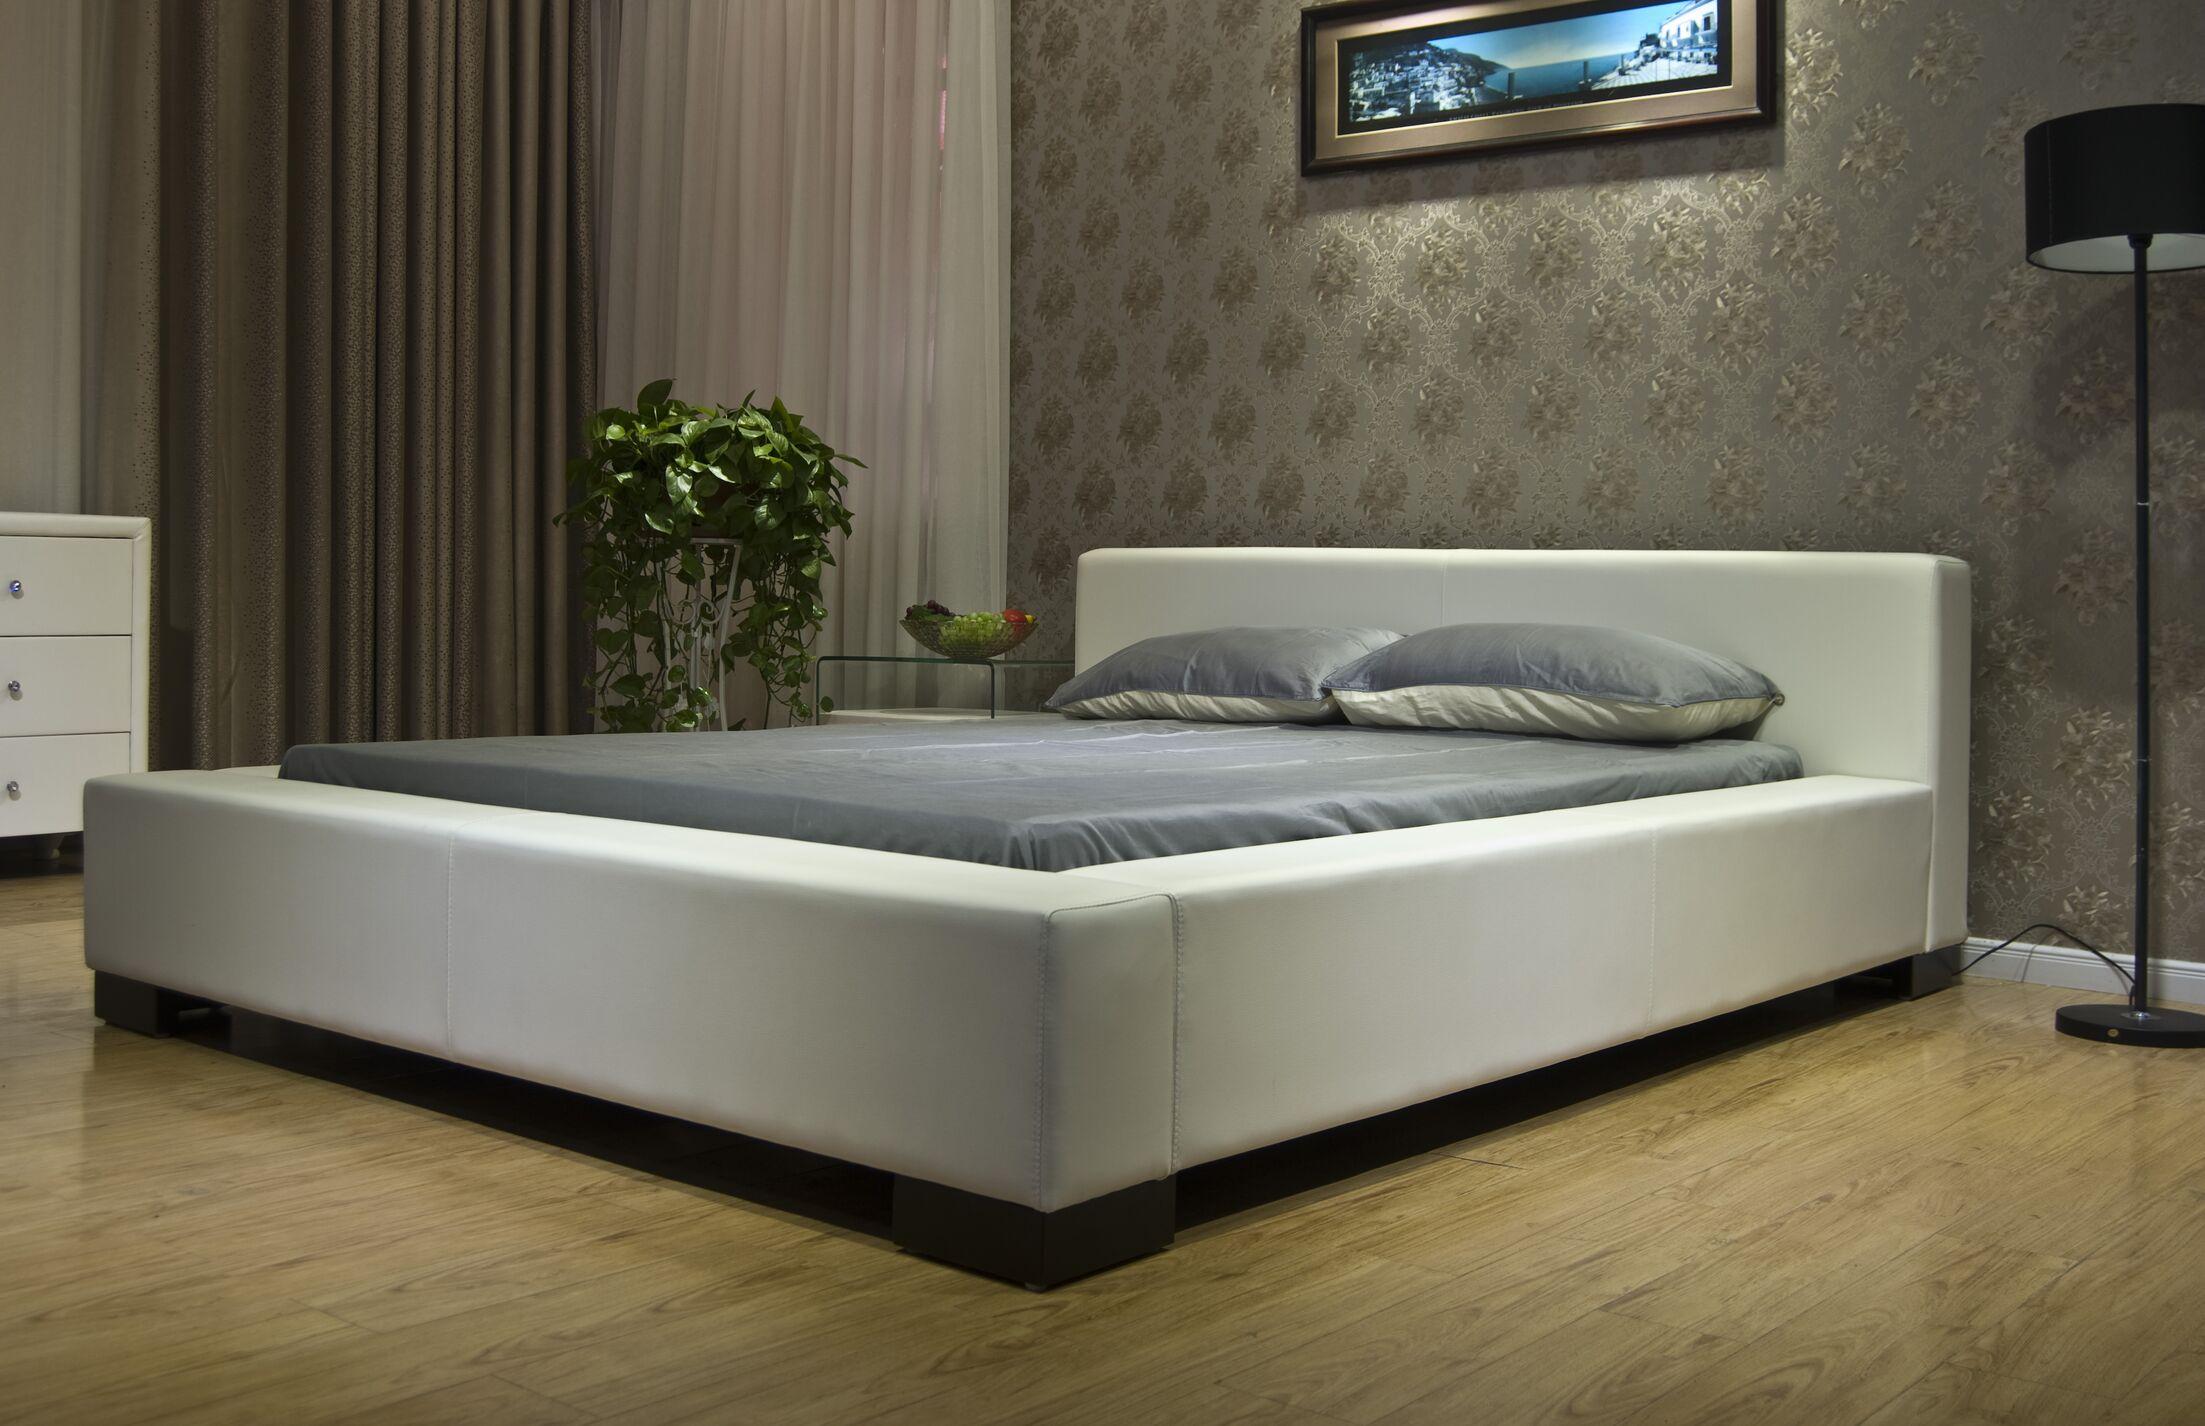 Astor Upholstered Platform Bed Size: California King, Color: White